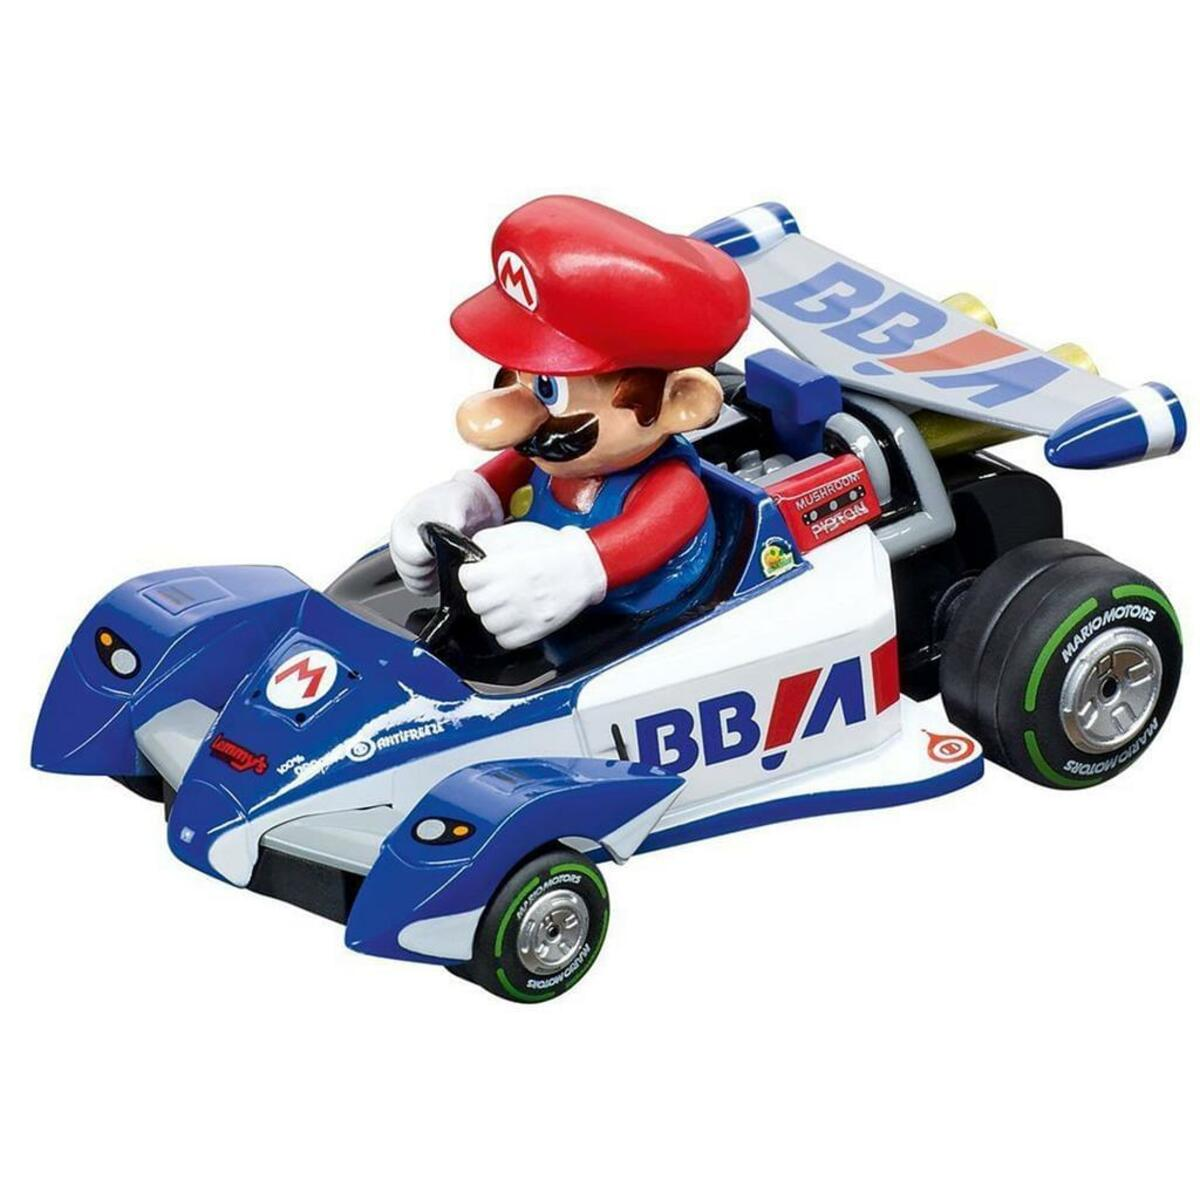 Bild 3 von Nintendo Mario Kart™ Circuit Special - Mario